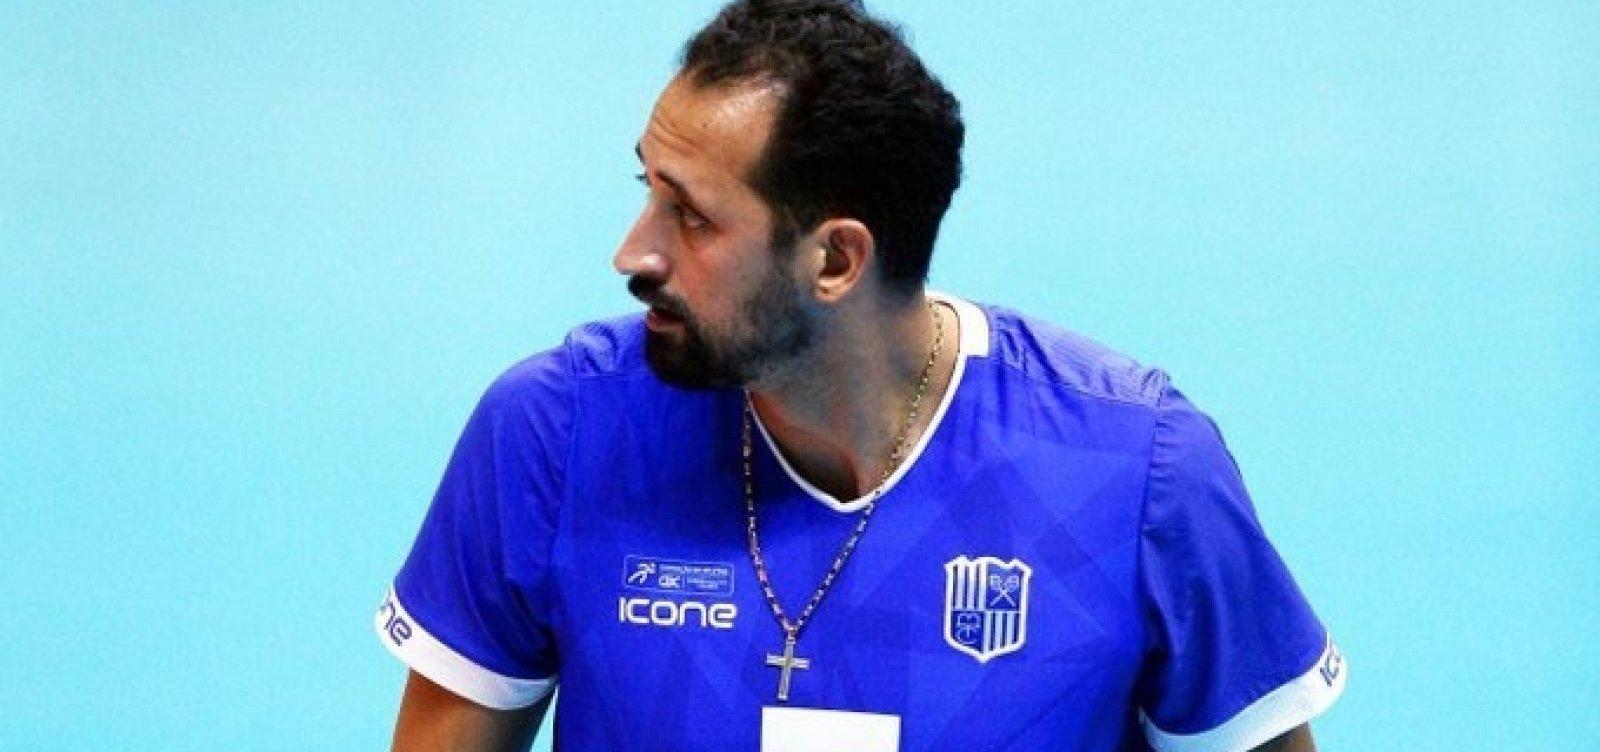 Jogador da seleção, Maurício Souza foi afastado do Minas Tênis Clube após postagem homofóbica